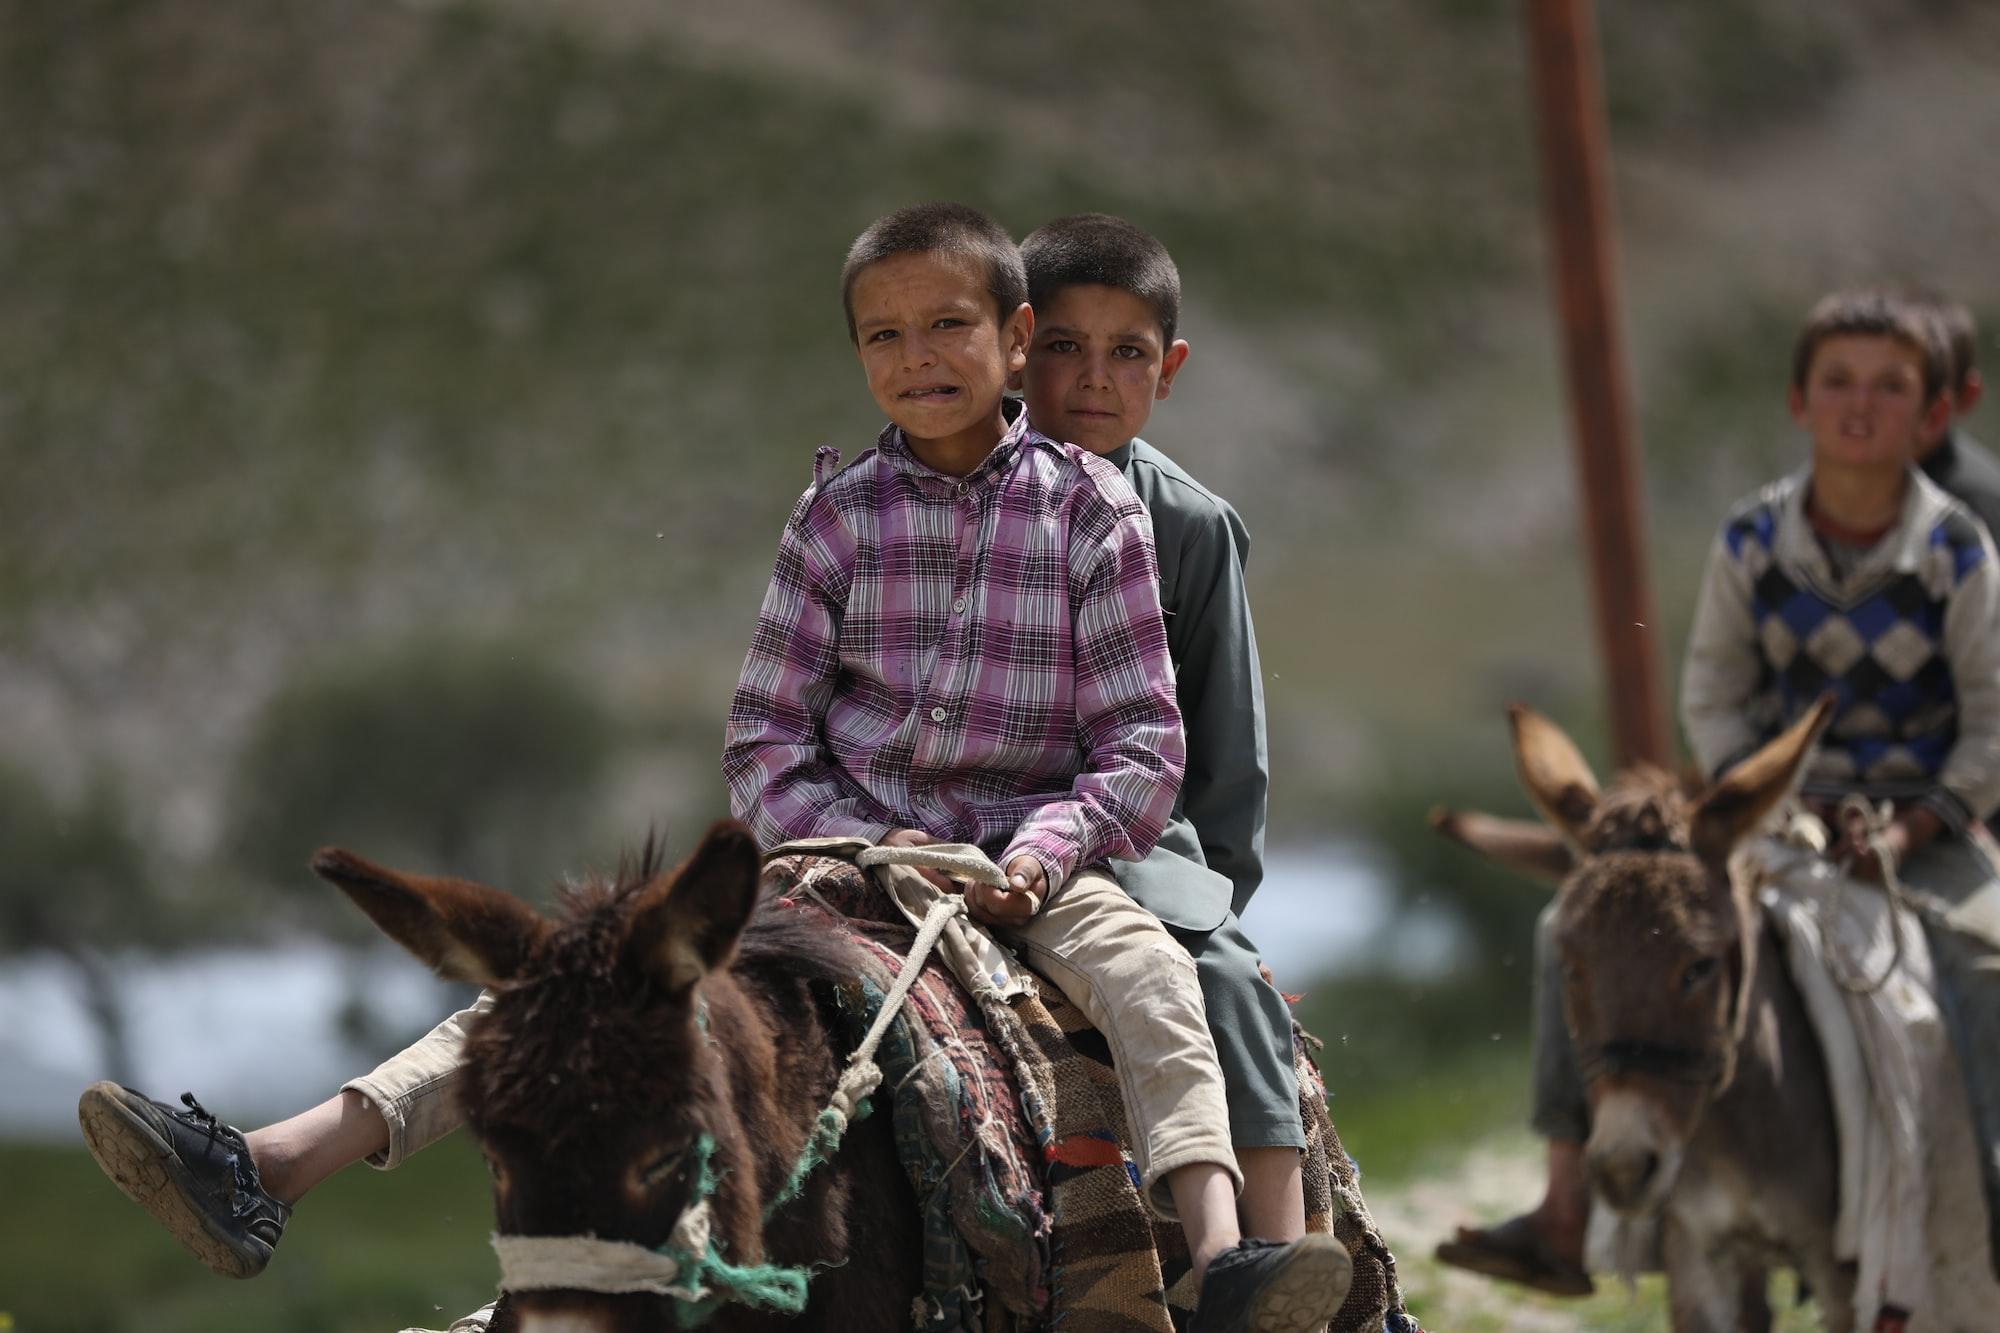 गंभीर खाद्य संकट में फंसे अफगान के लिए भारत से गेहूं मांग रहा संयुक्त राष्ट्र